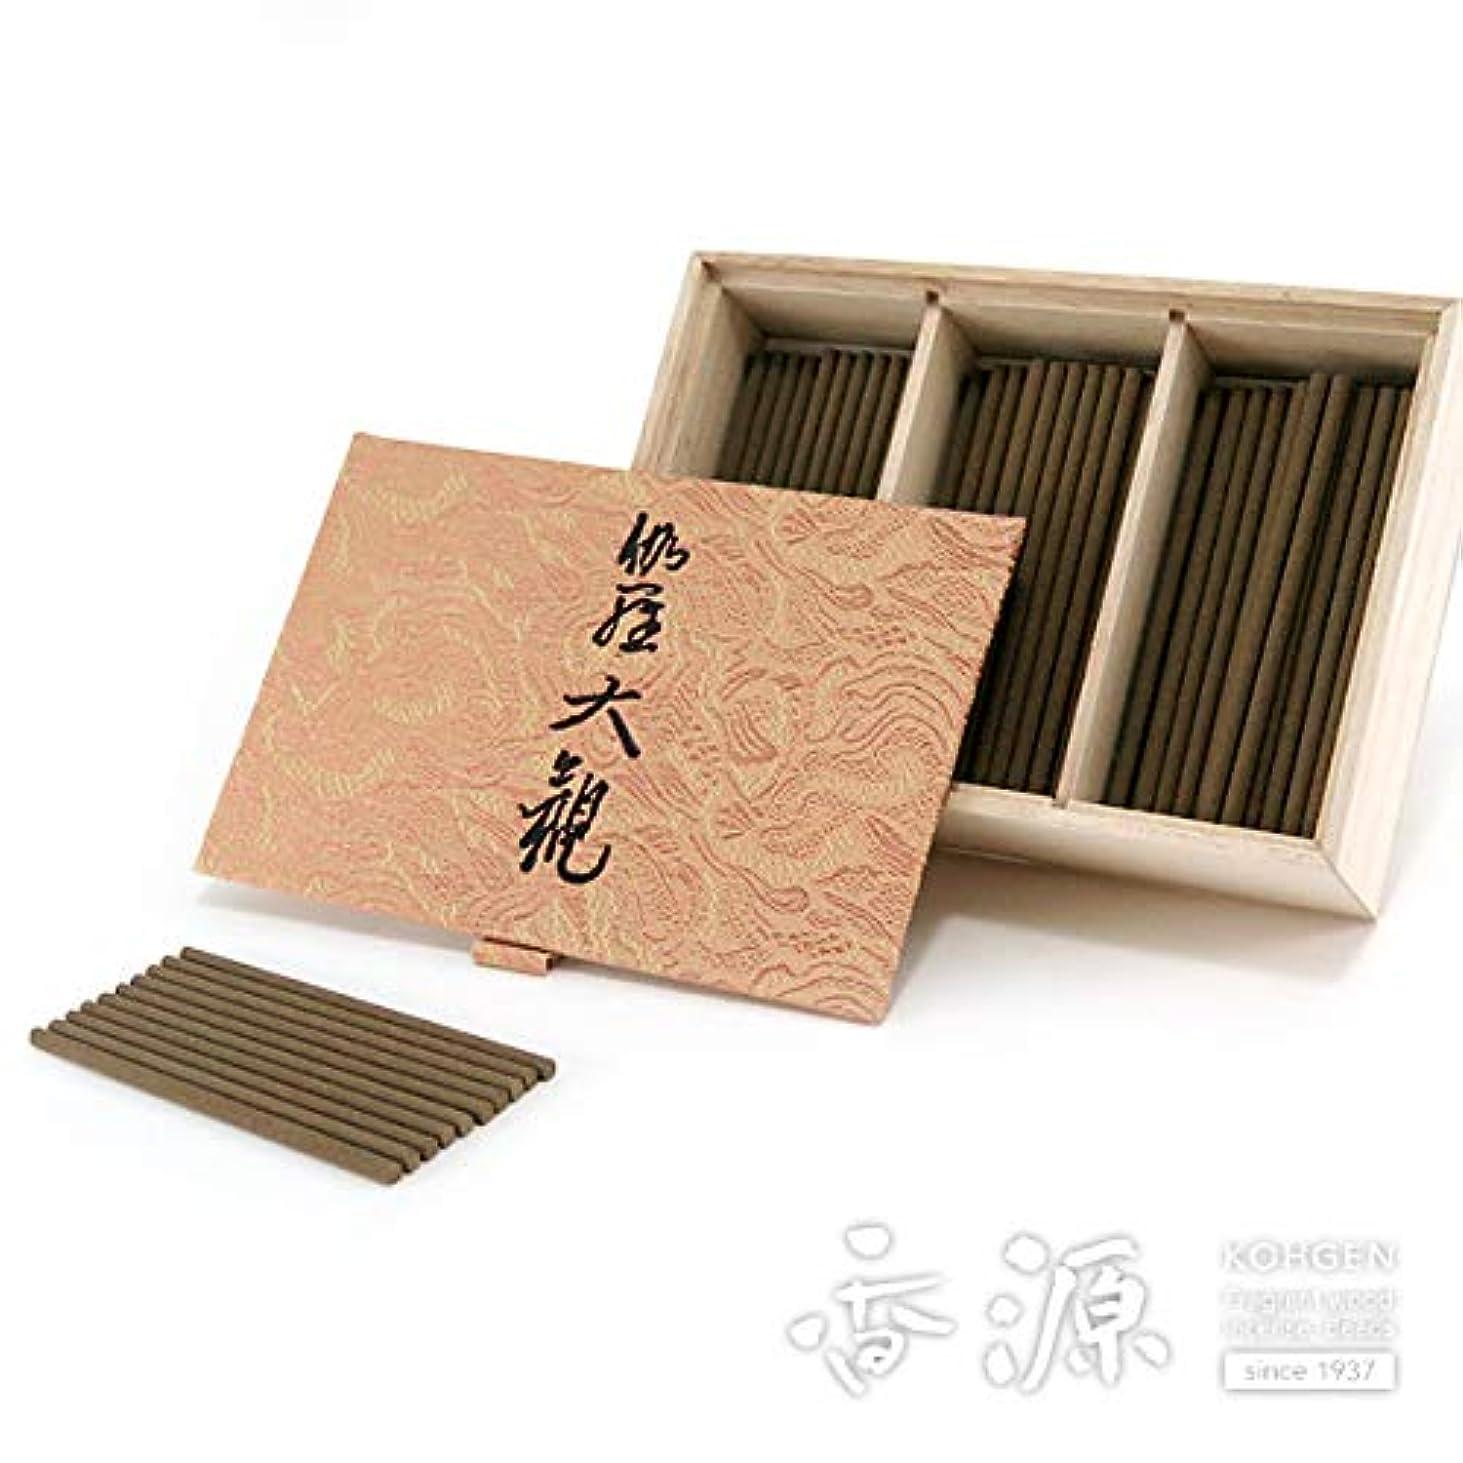 カーテンサイドボードの間に日本香堂のお香 伽羅大観 スティックミニ寸お徳用 120本入り